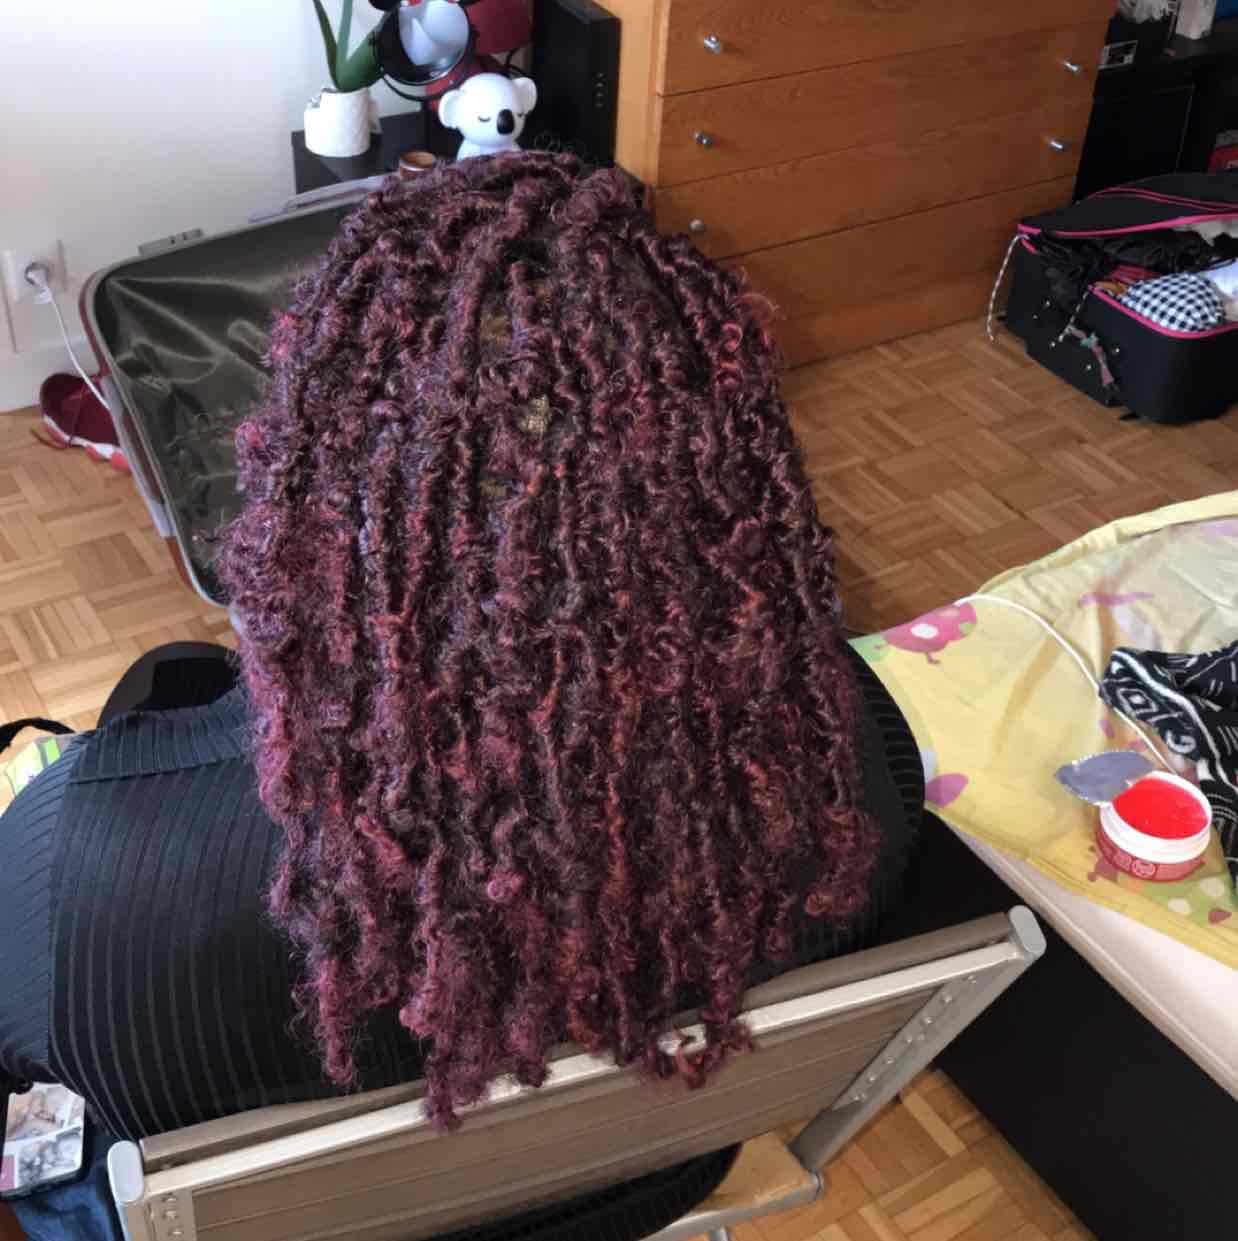 salon de coiffure afro tresse tresses box braids crochet braids vanilles tissages paris 75 77 78 91 92 93 94 95 RIGHOUPW